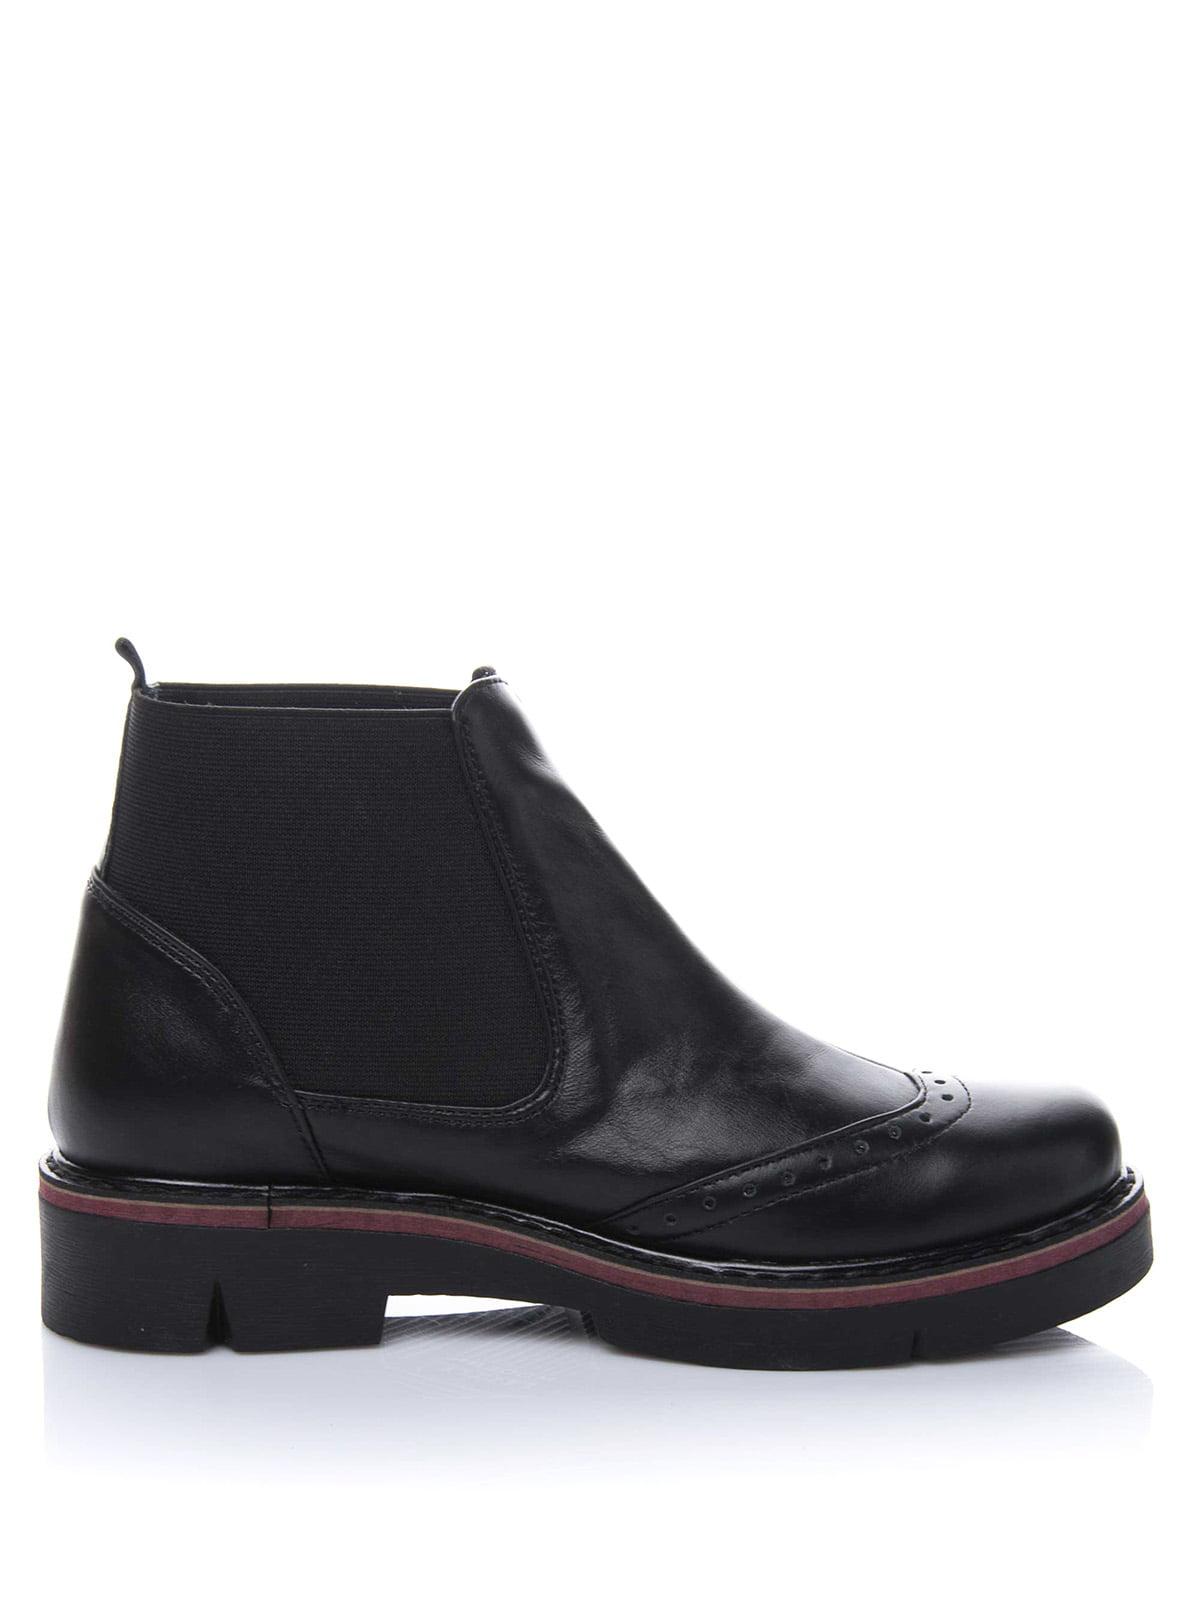 Ботинки черные | 3656745 | фото 4